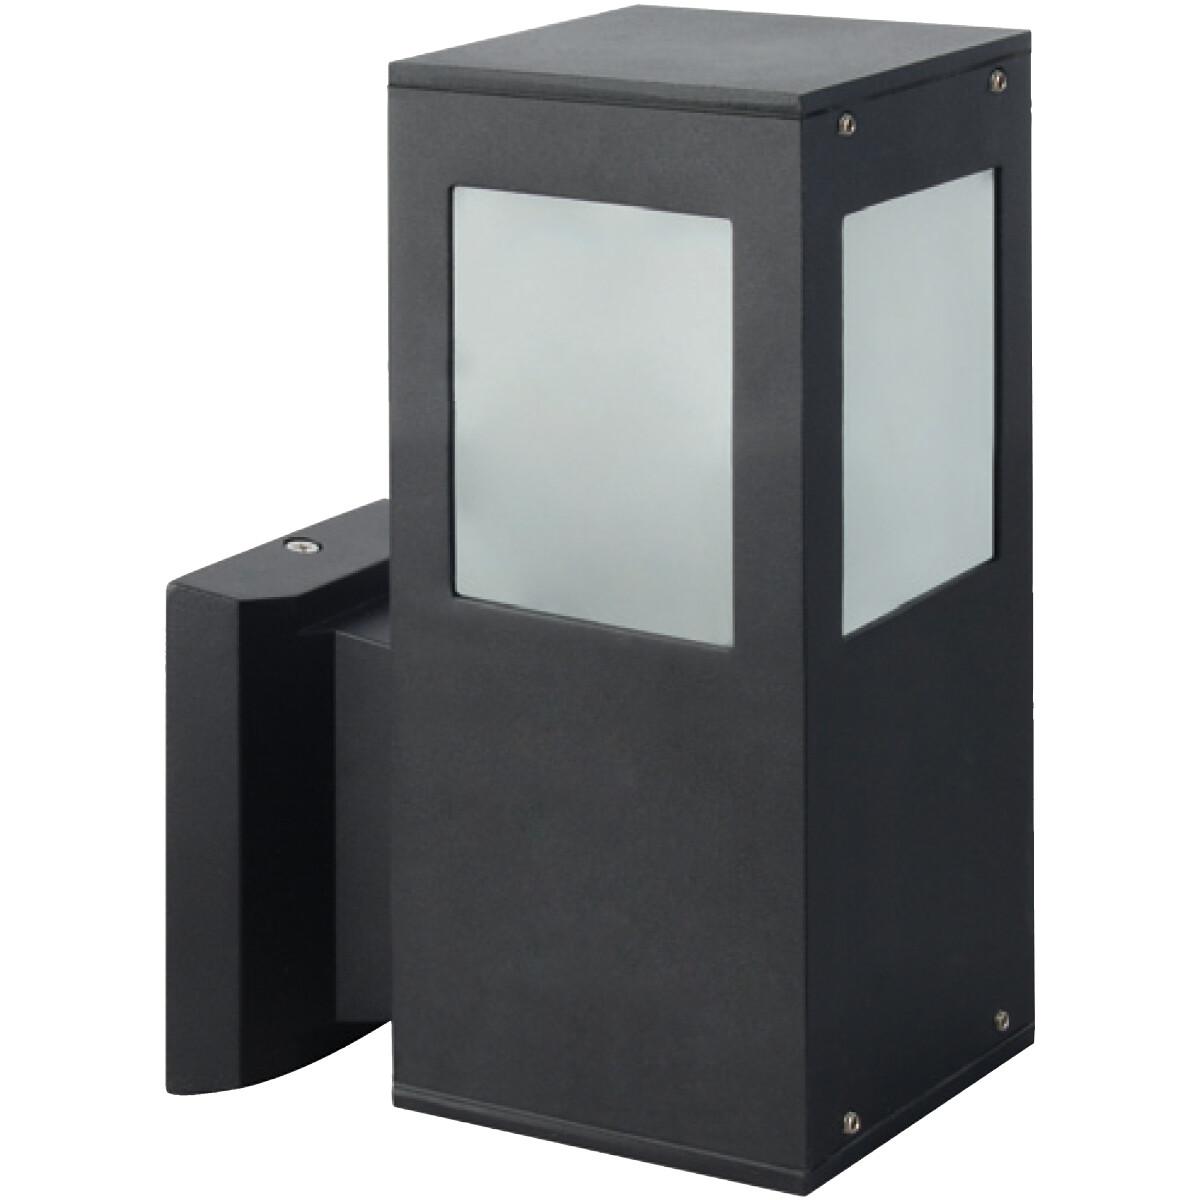 LED Tuinverlichting - Buitenlamp - Kavy 2 - Wand - Aluminium Mat Zwart - E27 - Vierkant